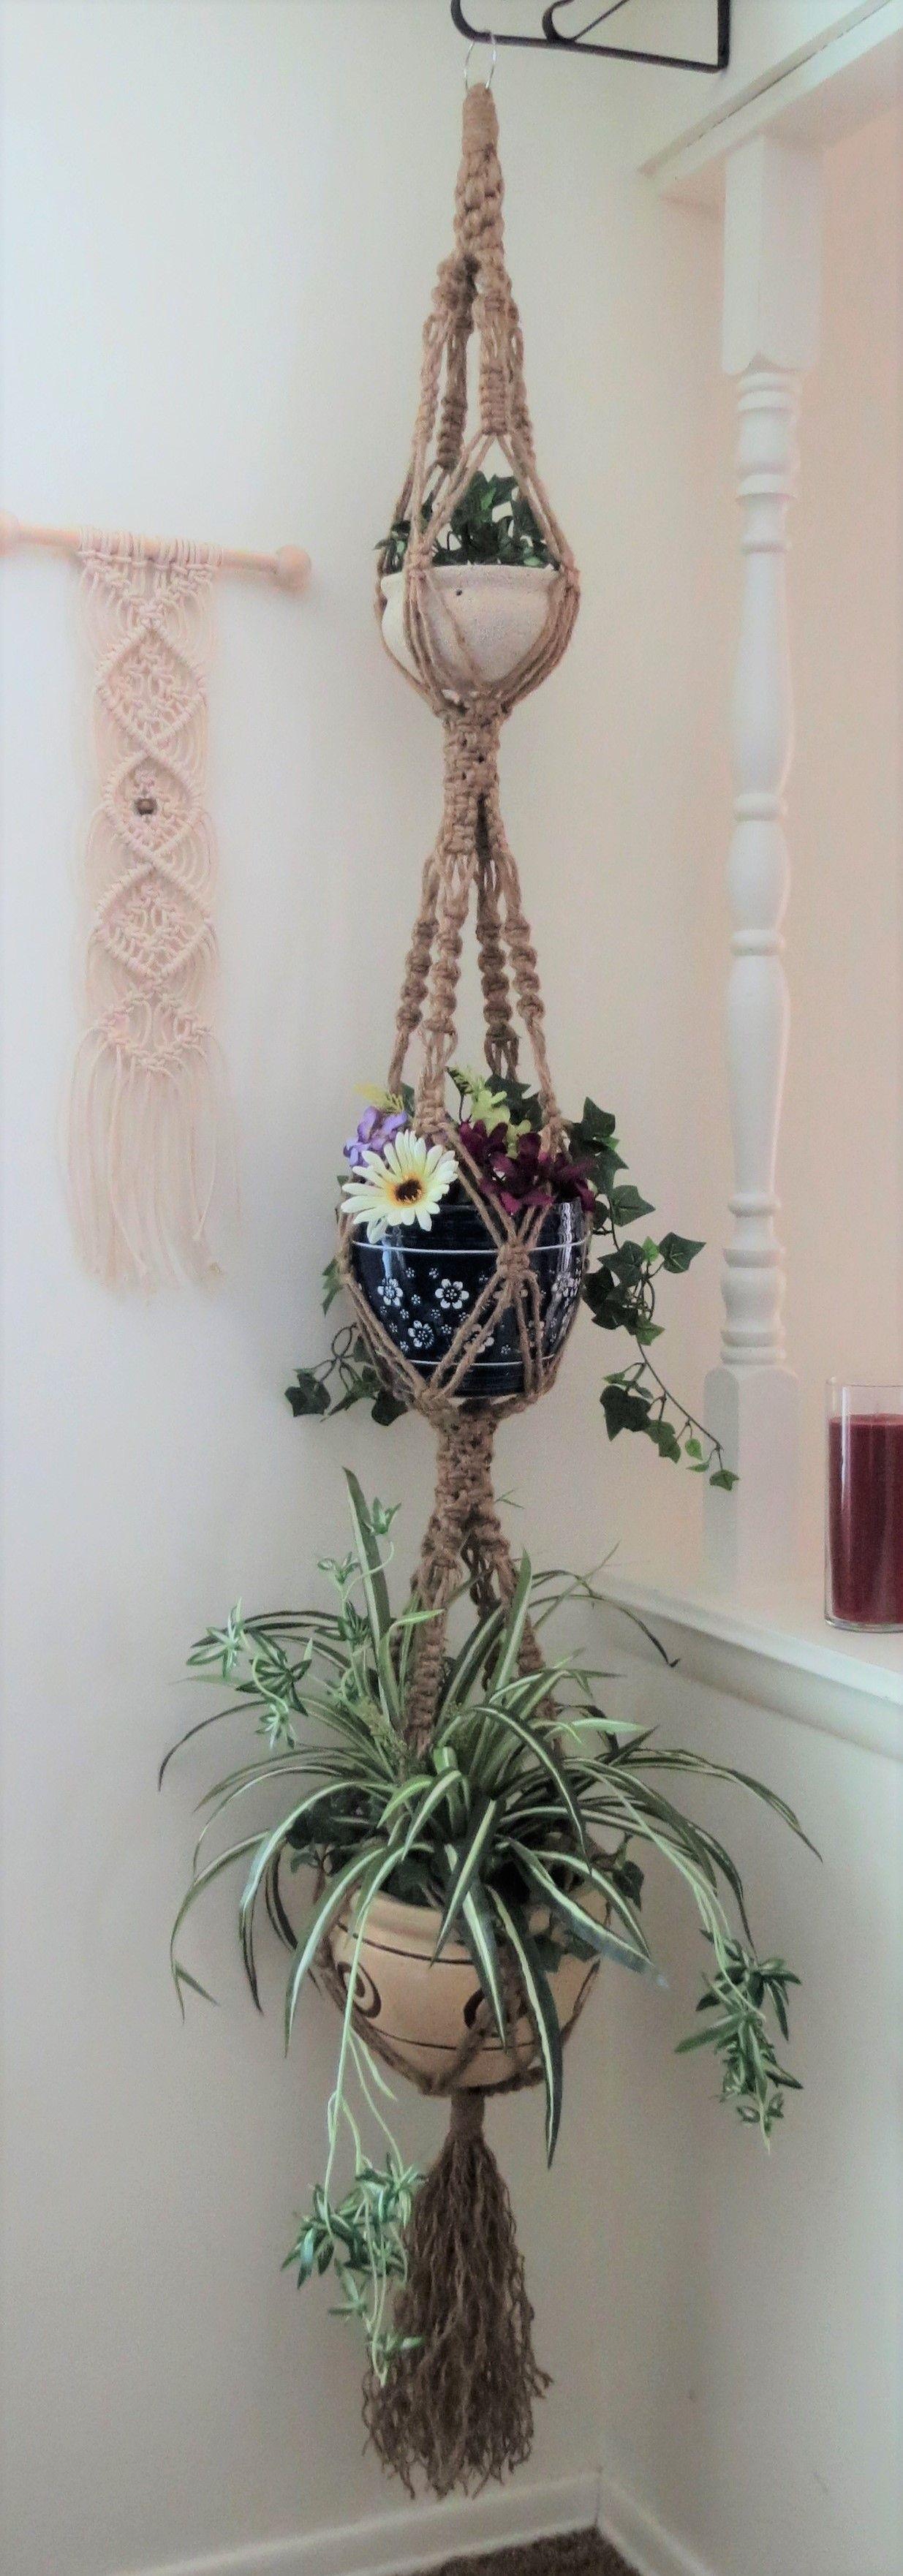 Triple 3 pots jute plant hanger, hippie home decor, hippie wedding, boho decor, jute plant hanger, vintage style natural jute